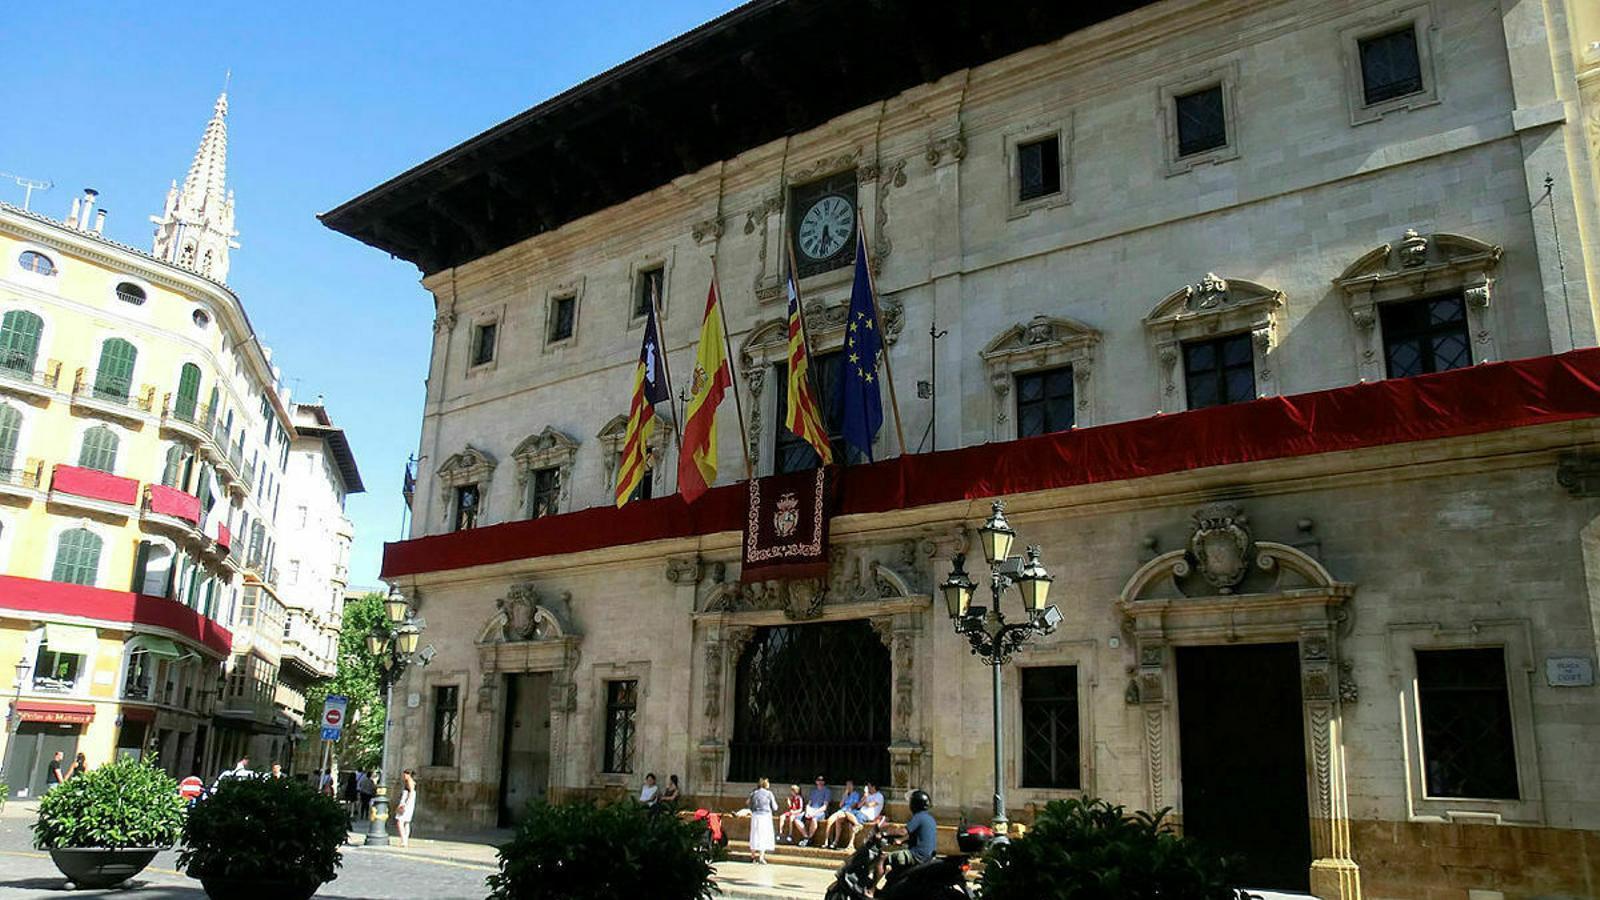 L'Ajuntament de Palma ha augmentat significativament l'import que destina a ajudes socials